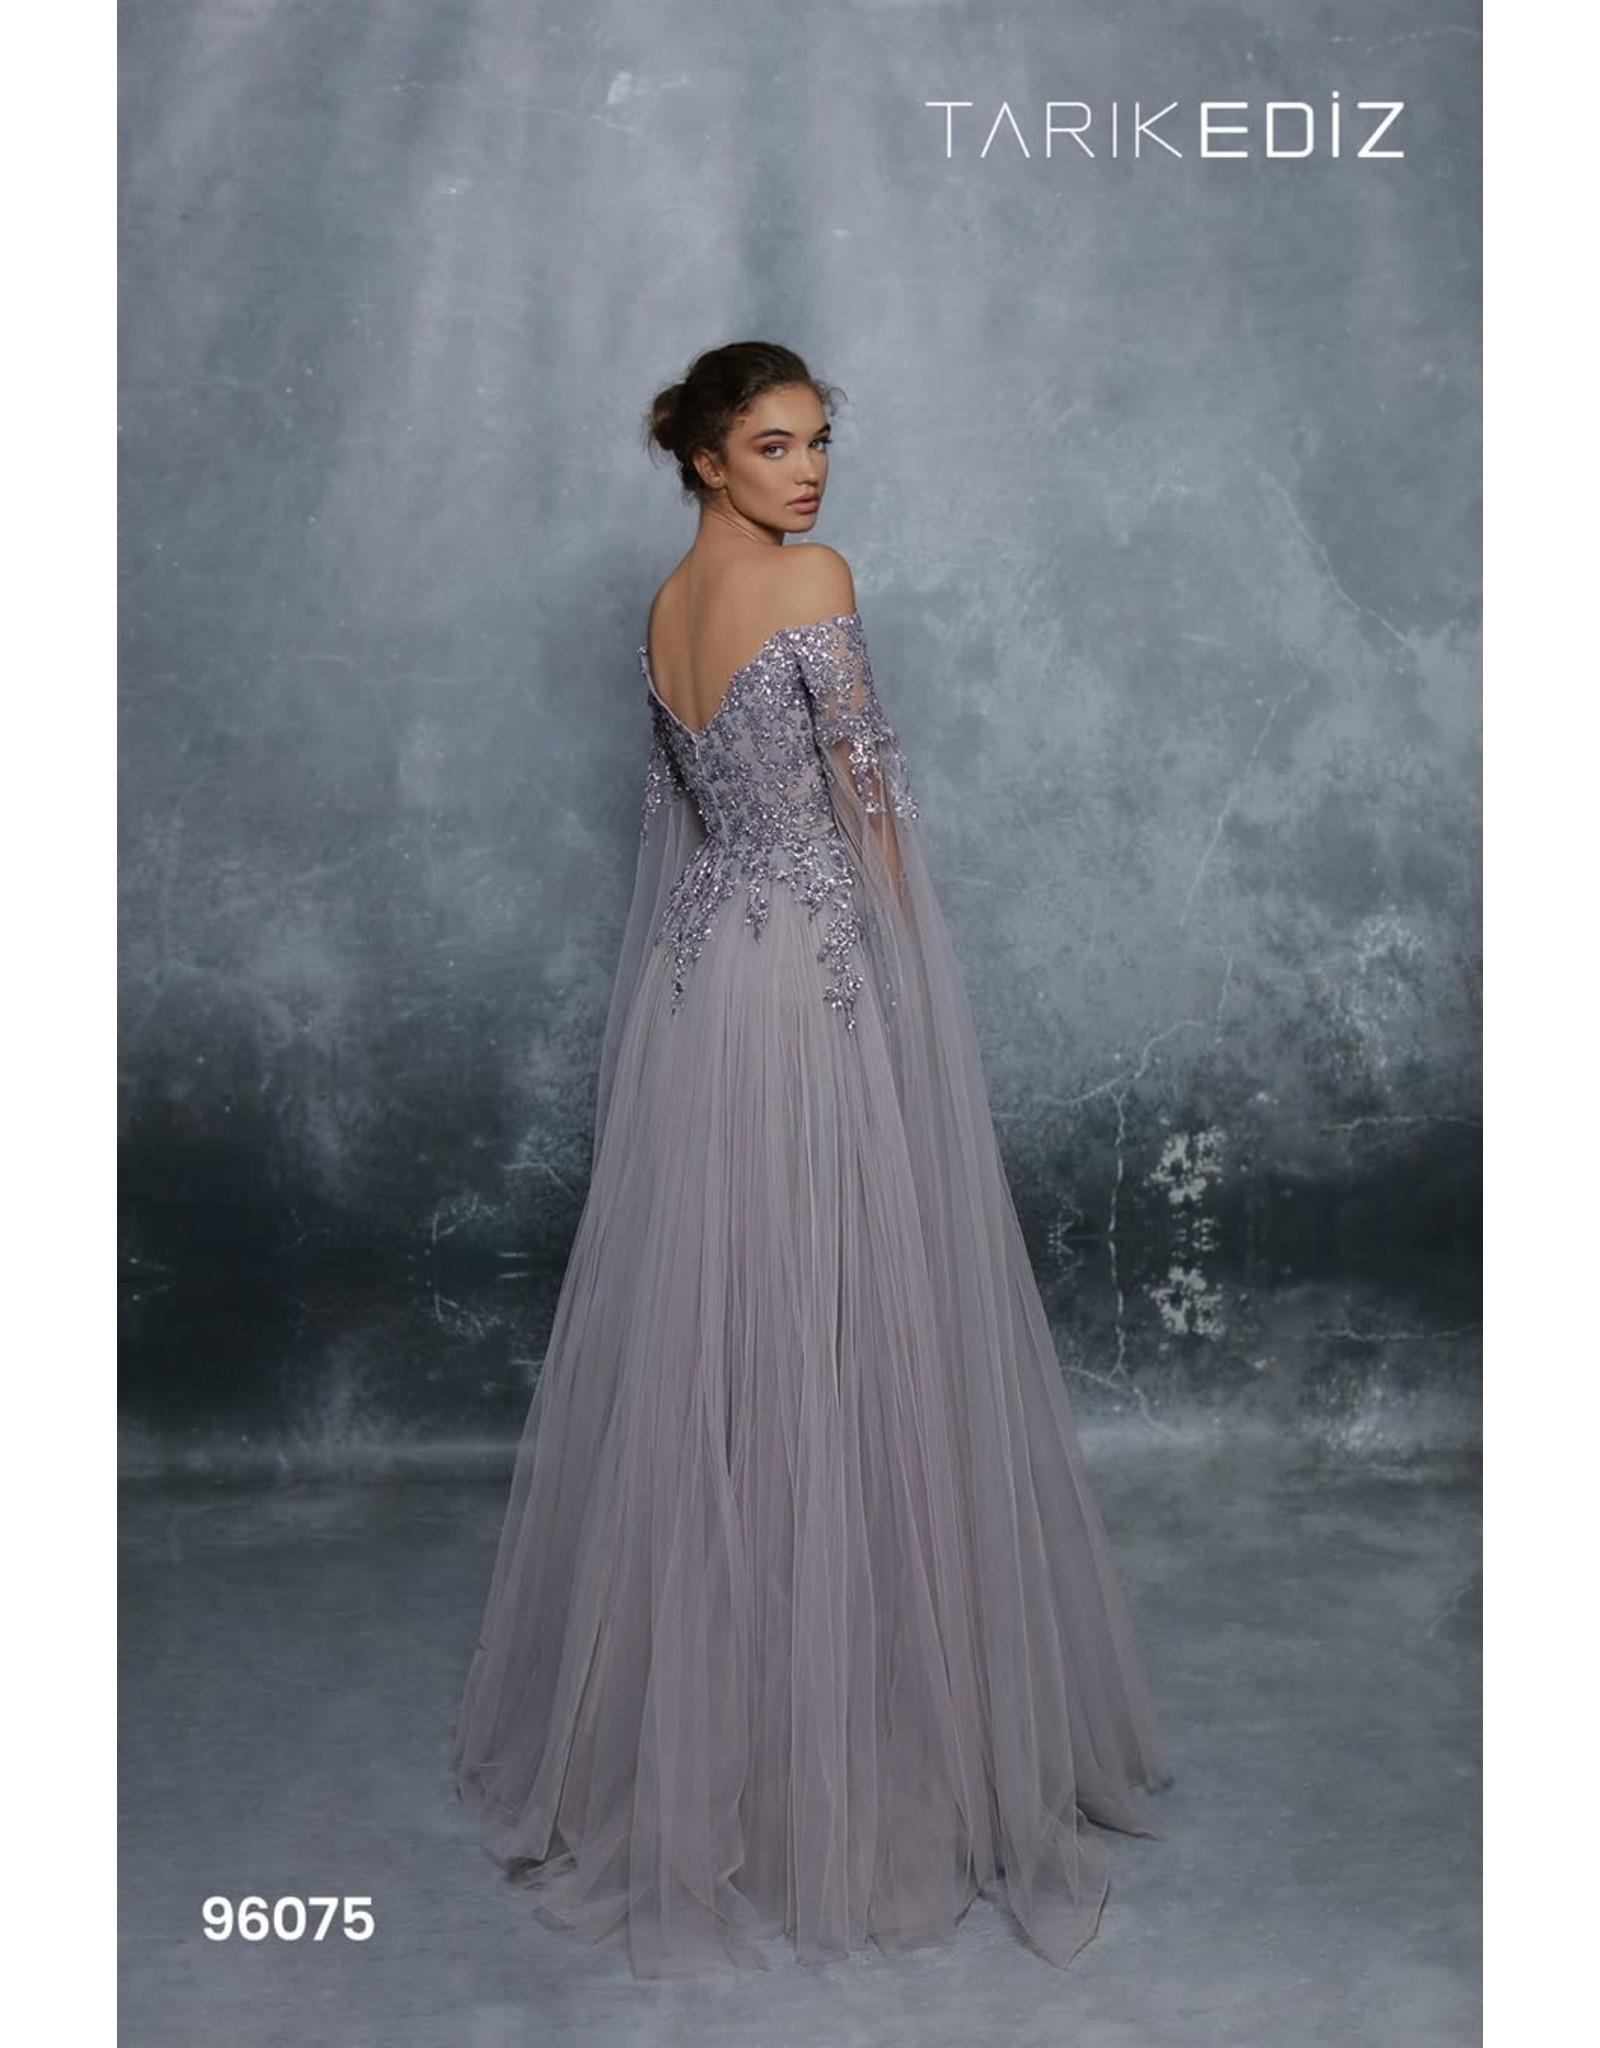 Tarik Ediz 96075 Tarik Ediz Dresses